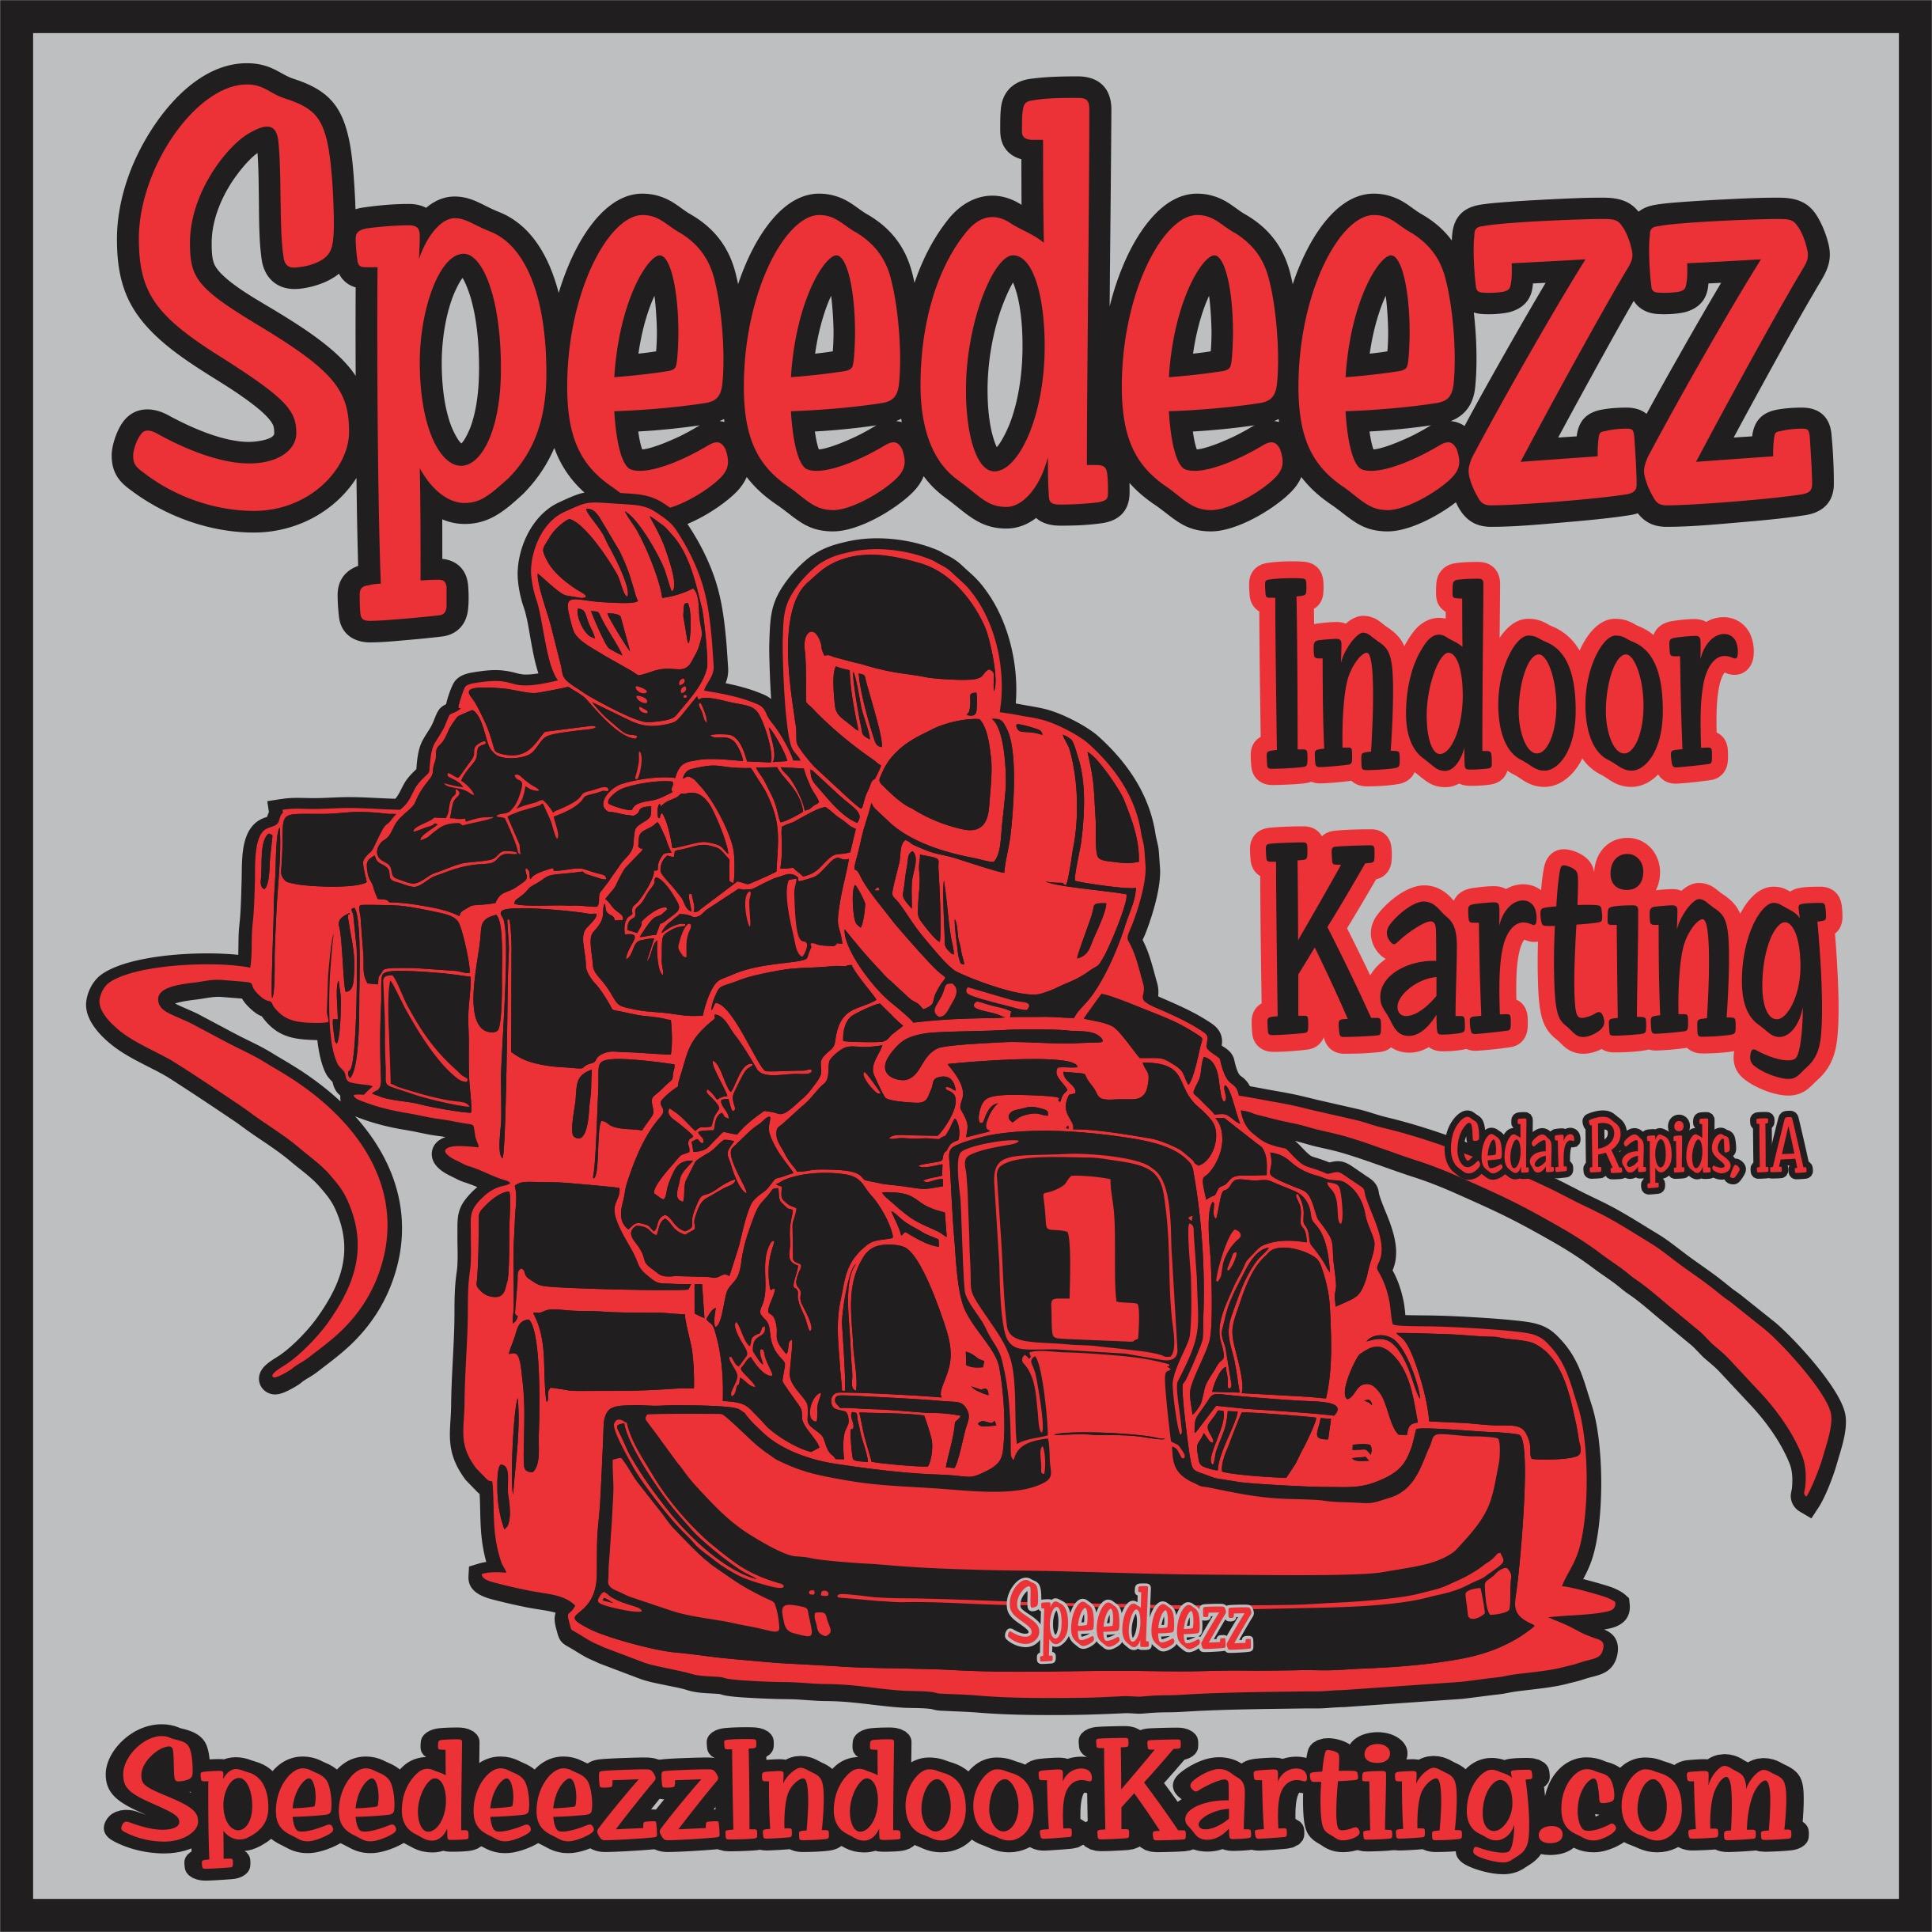 Speedeezz Indoor Karting